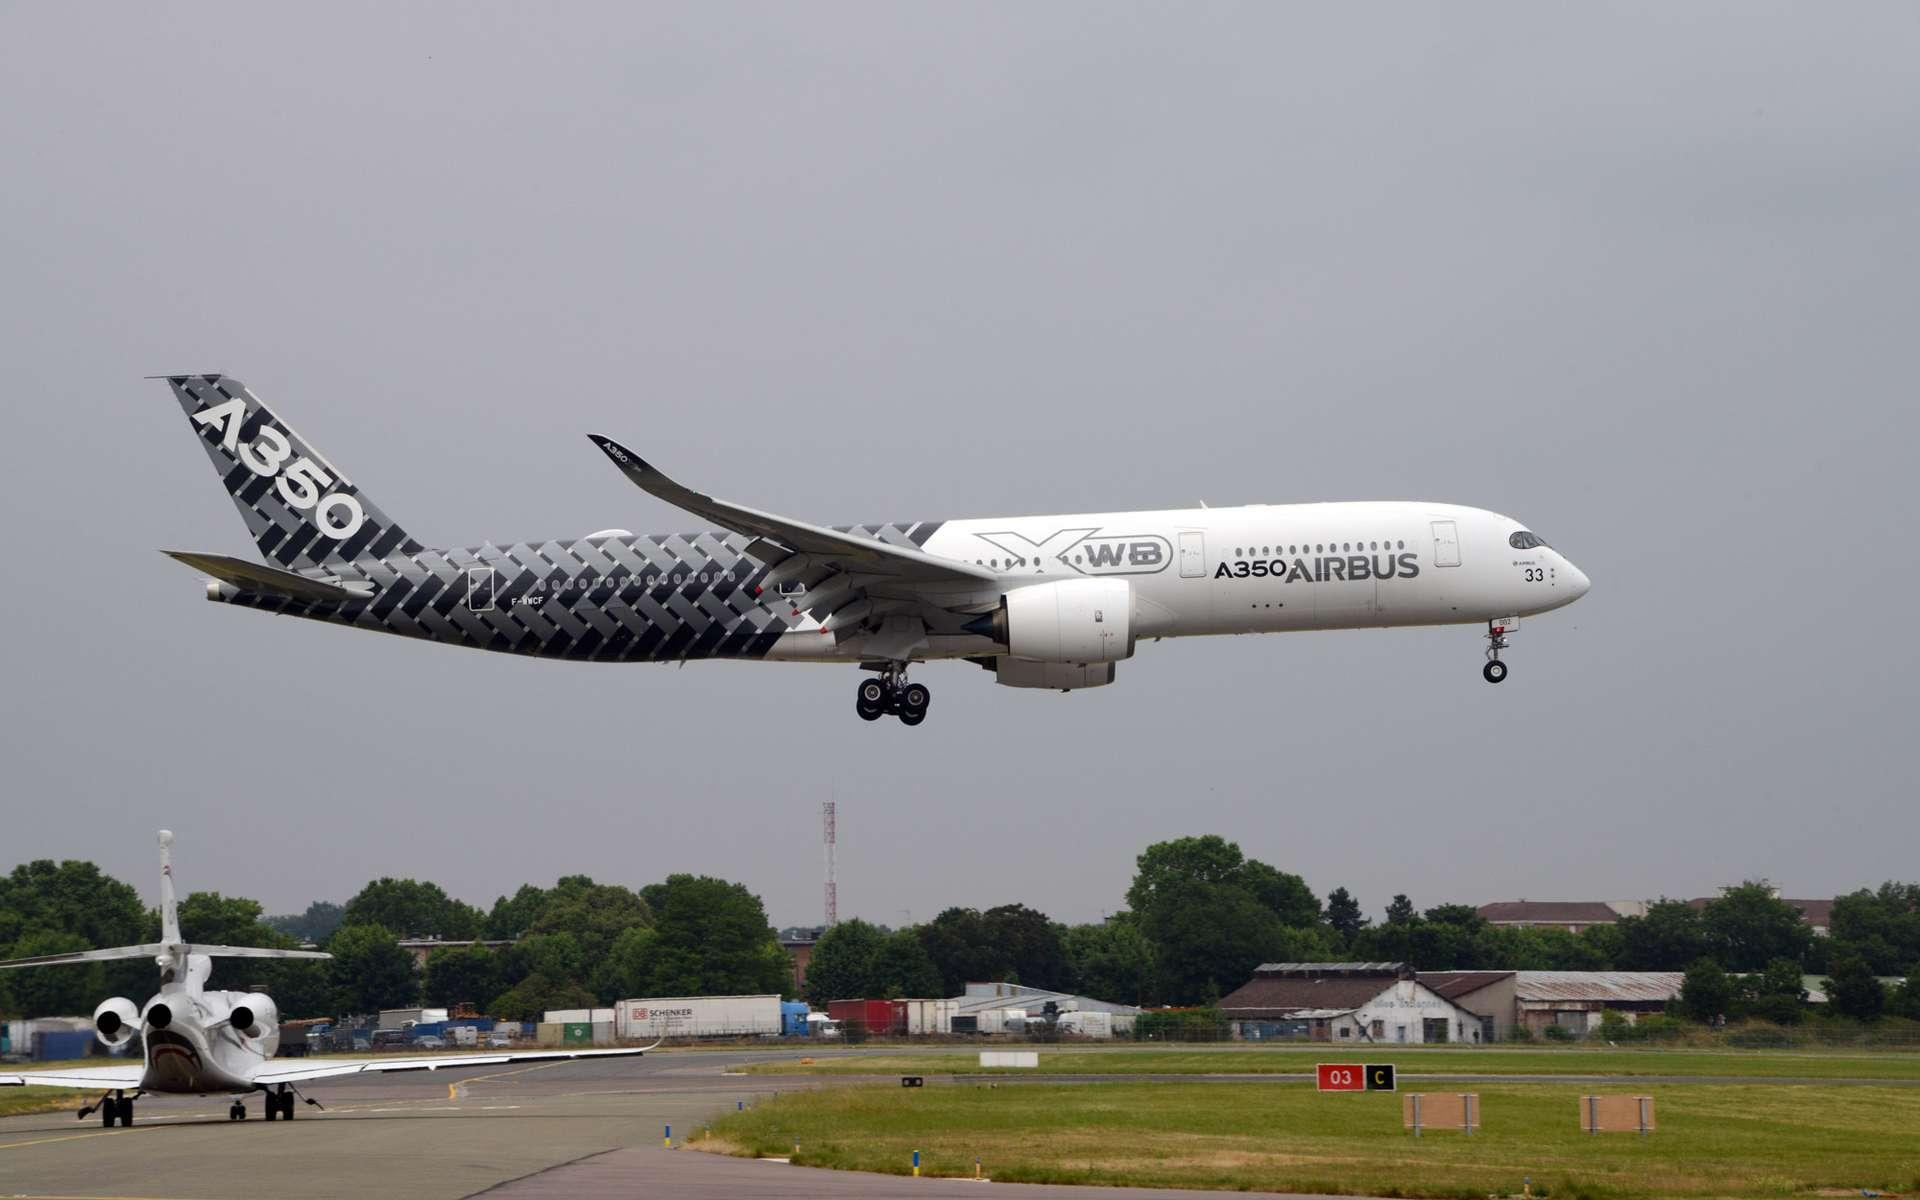 L'Airbus A350-900 dans sa nouvelle version XWB, au fuselage élargi. © Rémy Decourt